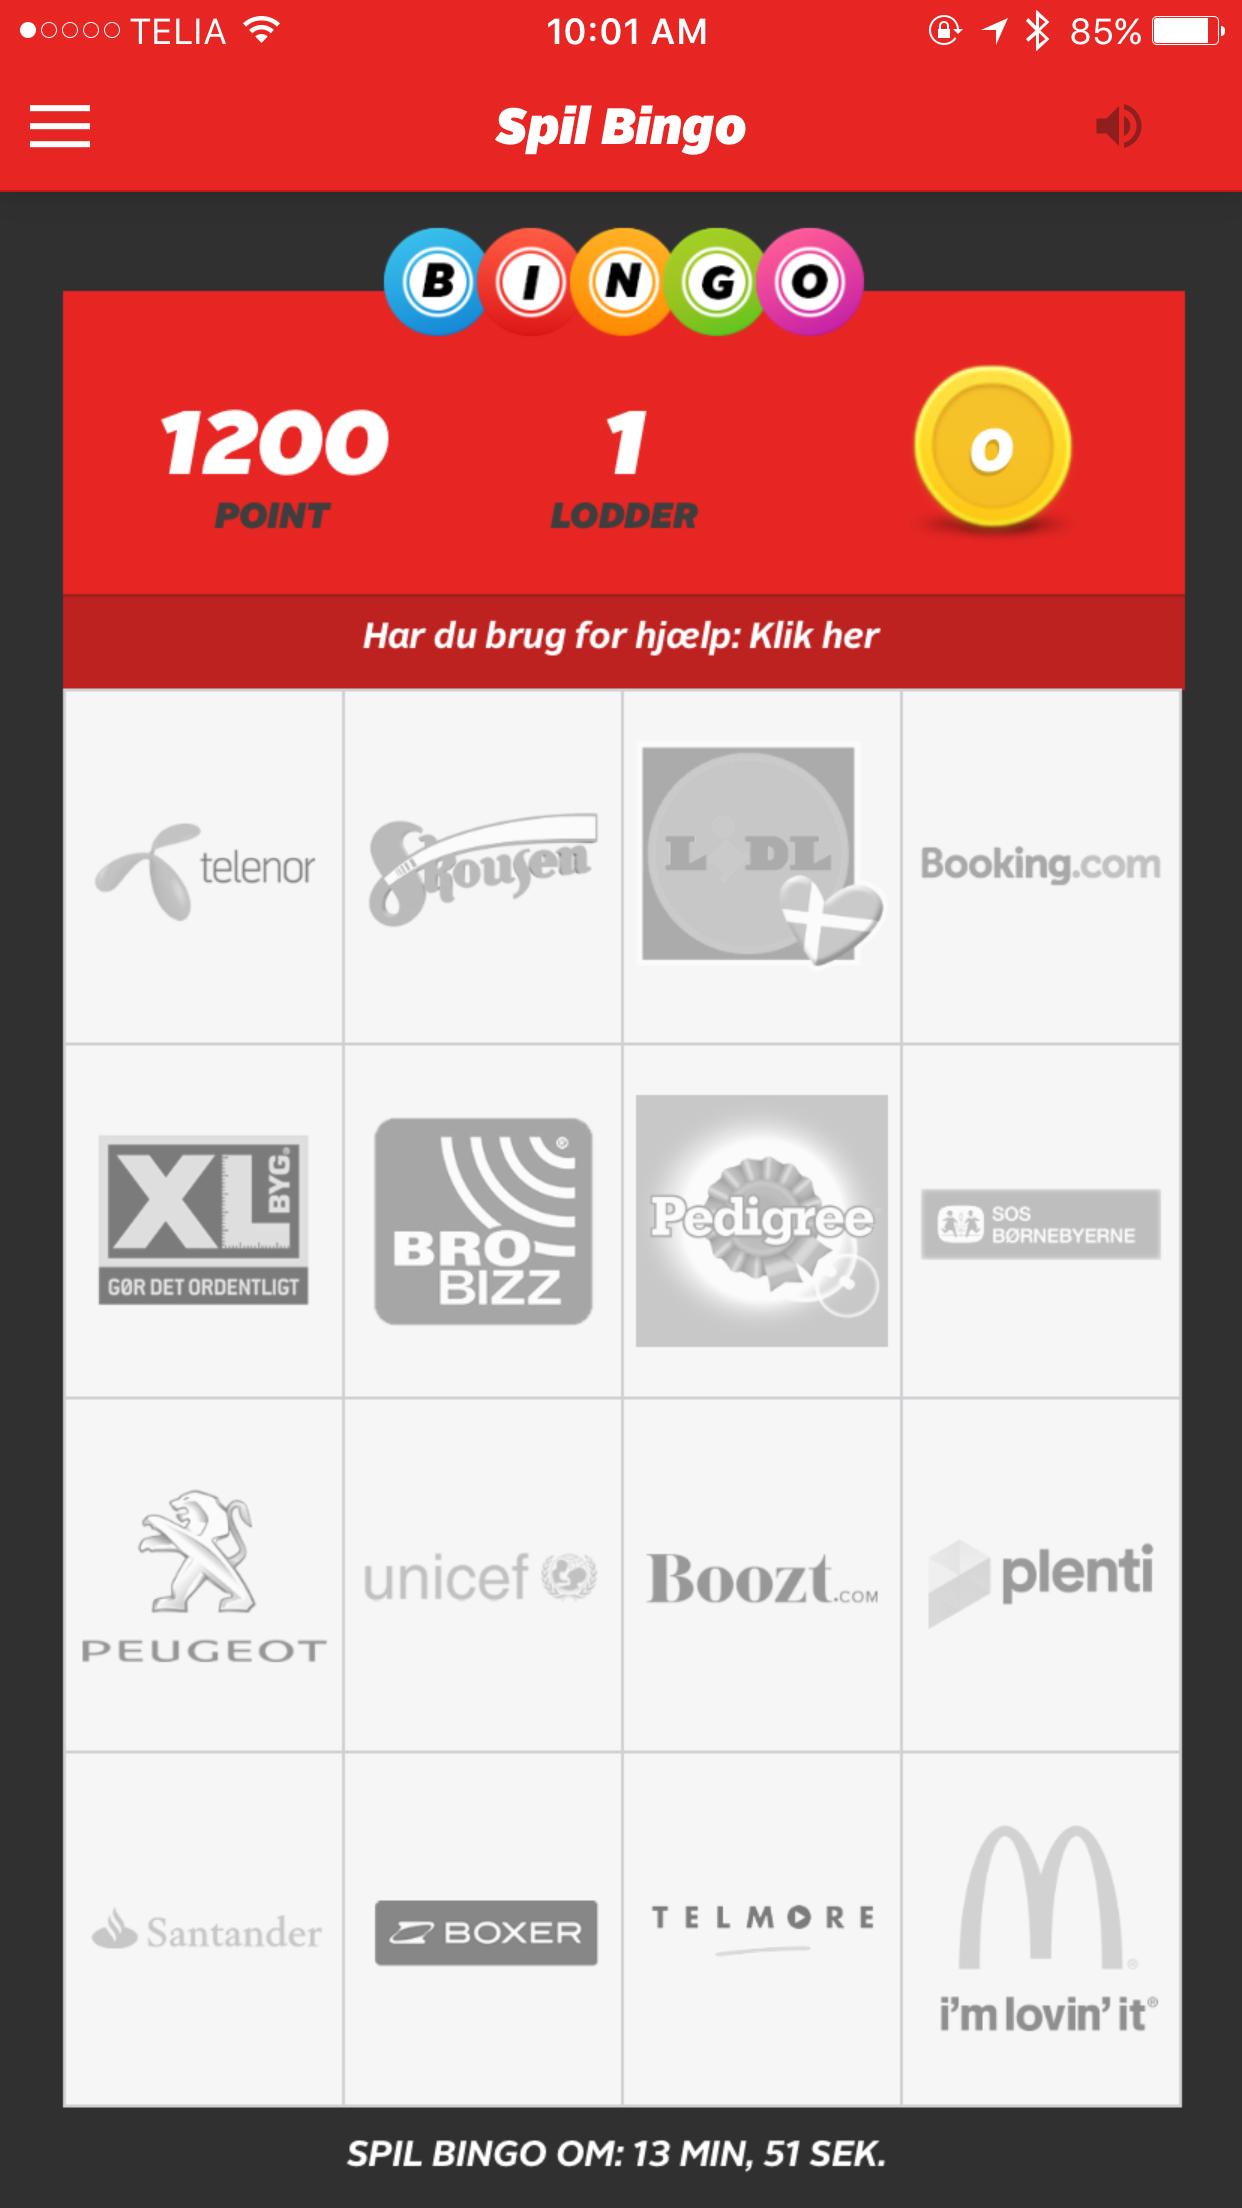 Reklame Bingo hos TV2 - Alt om reklame bingo på CasinoButler